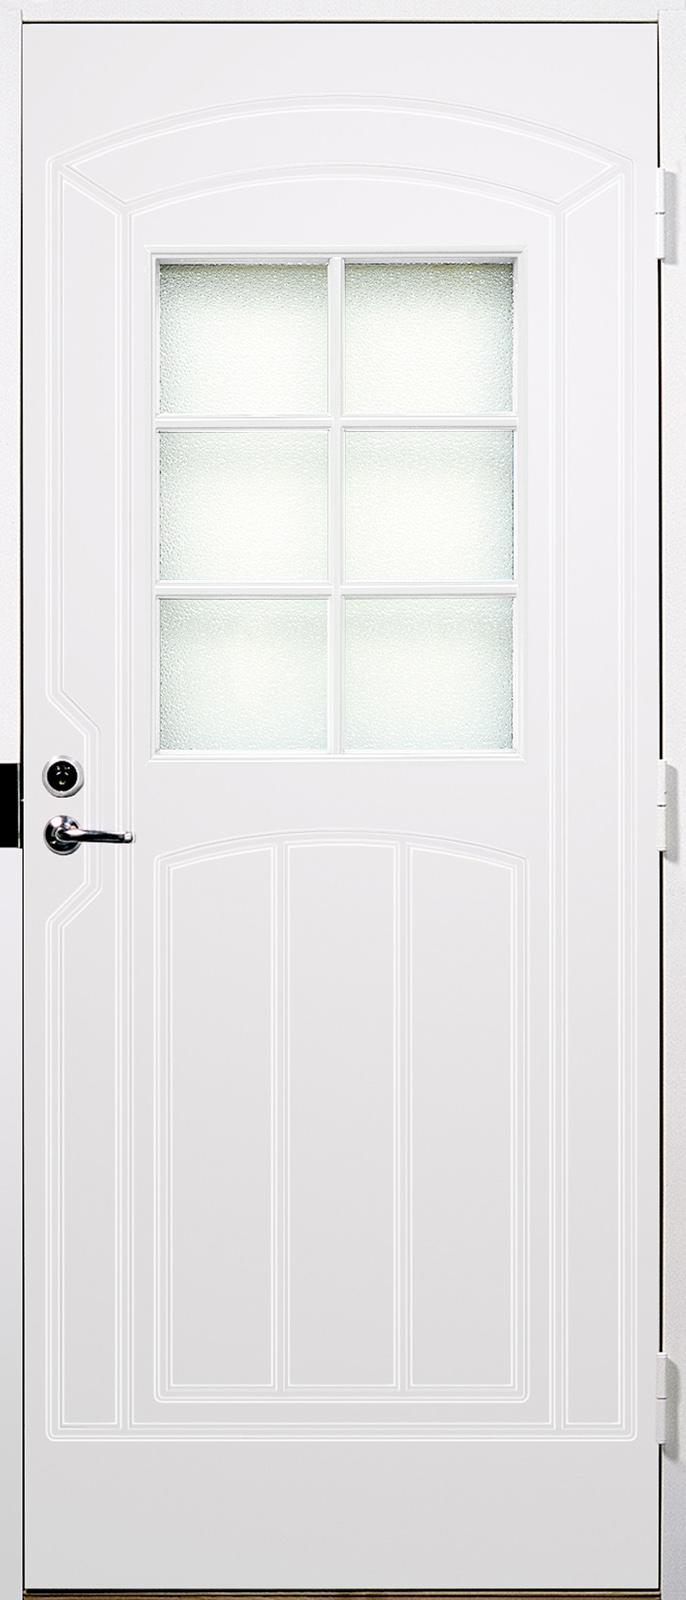 Skaala ovien hinnat – Lähellä tulisija